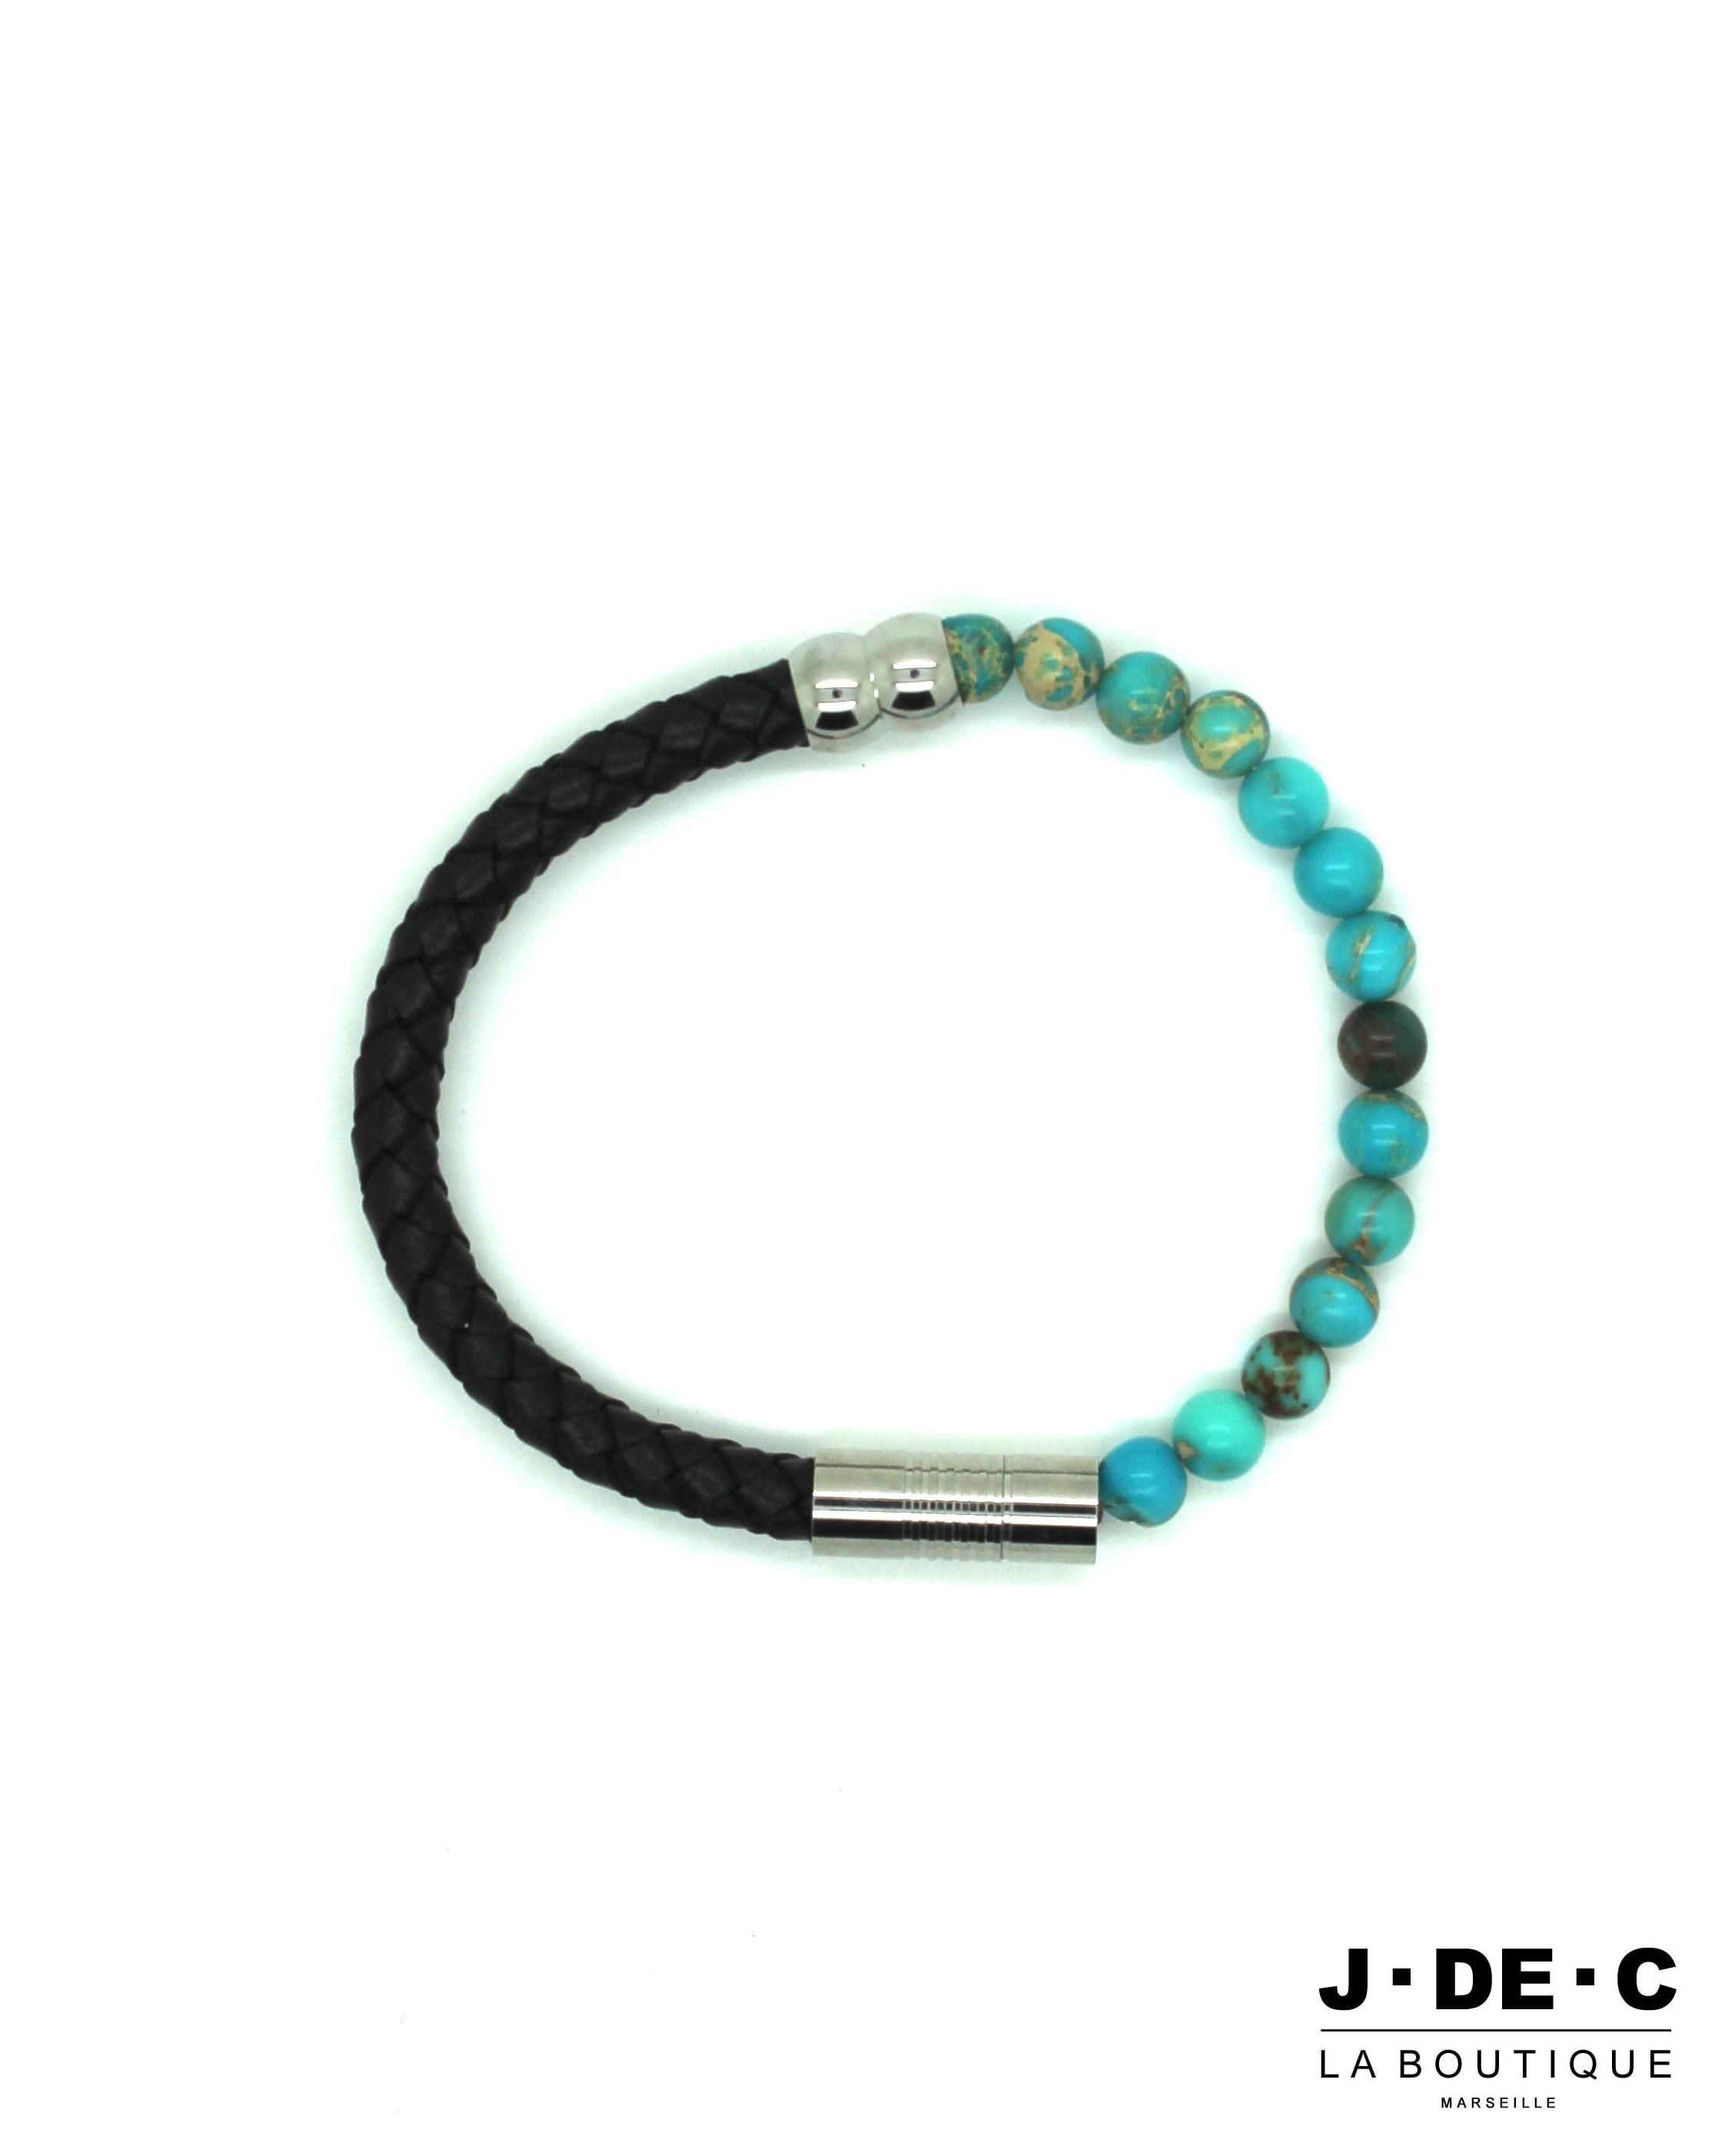 Bracelet Homme Cuir & Perles Turquoises - J.DE.C MODE